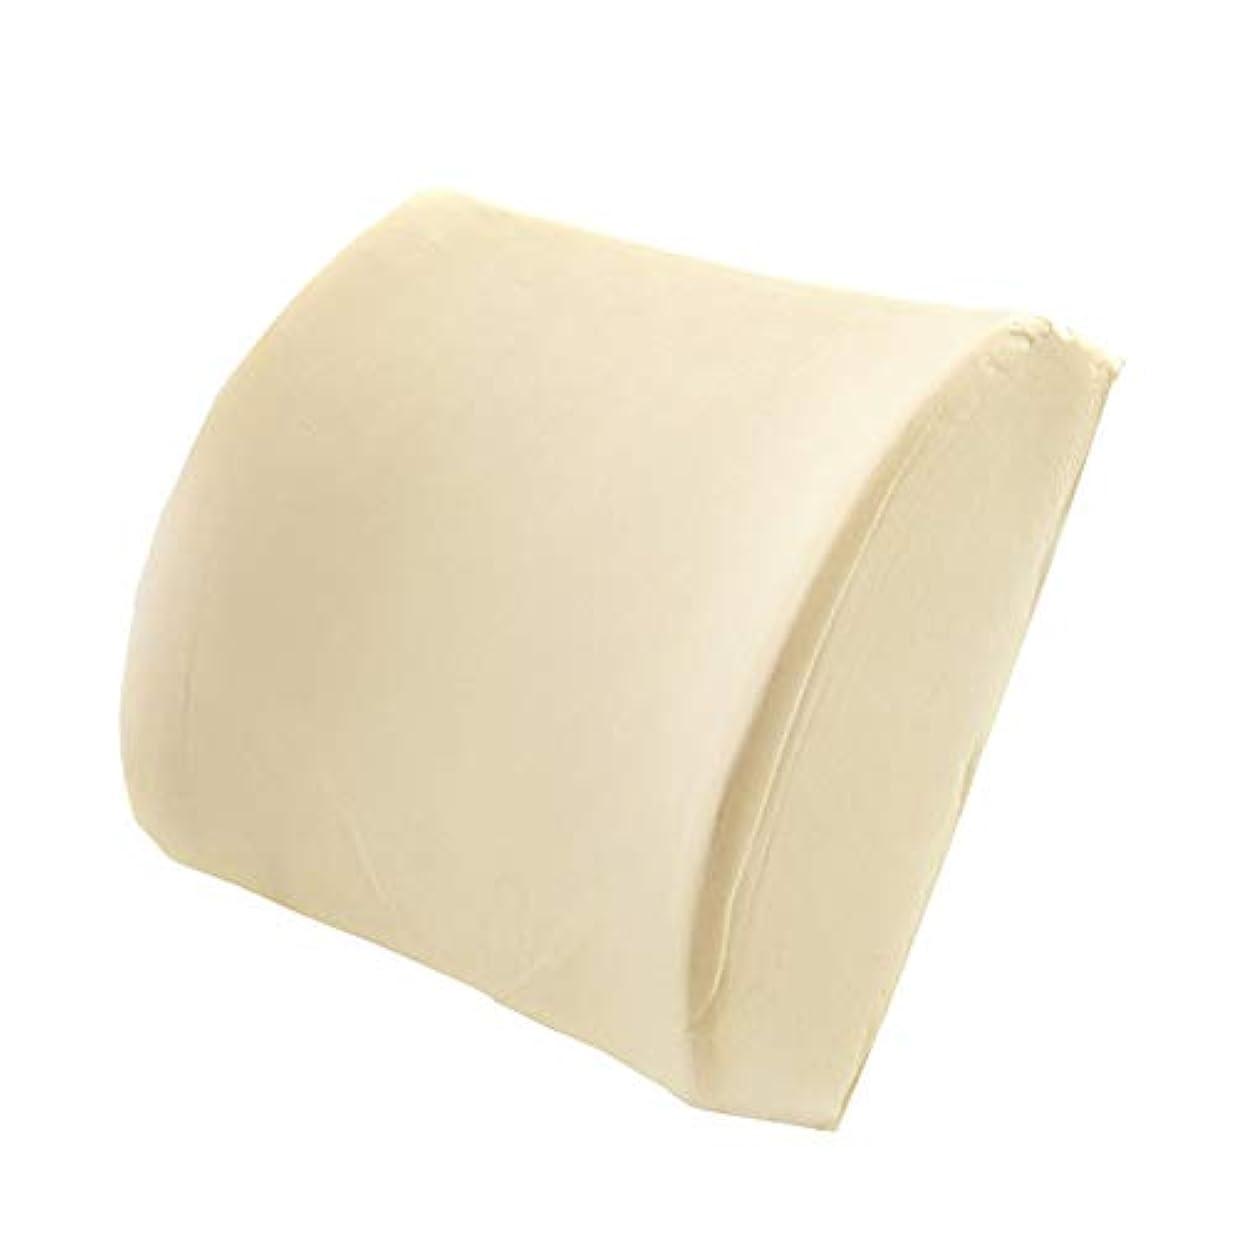 売り手バーガー論理サポート腰椎枕スペースメモリ綿腰椎腰肥厚オフィスクッションカーウエスト枕